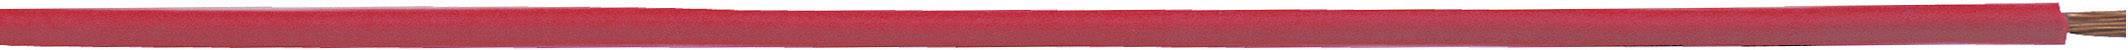 Opletenie / lanko LappKabel 4510112S H05V-K, 1 x 0.75 mm², vonkajší Ø 2.70 mm, 250 m, žltá